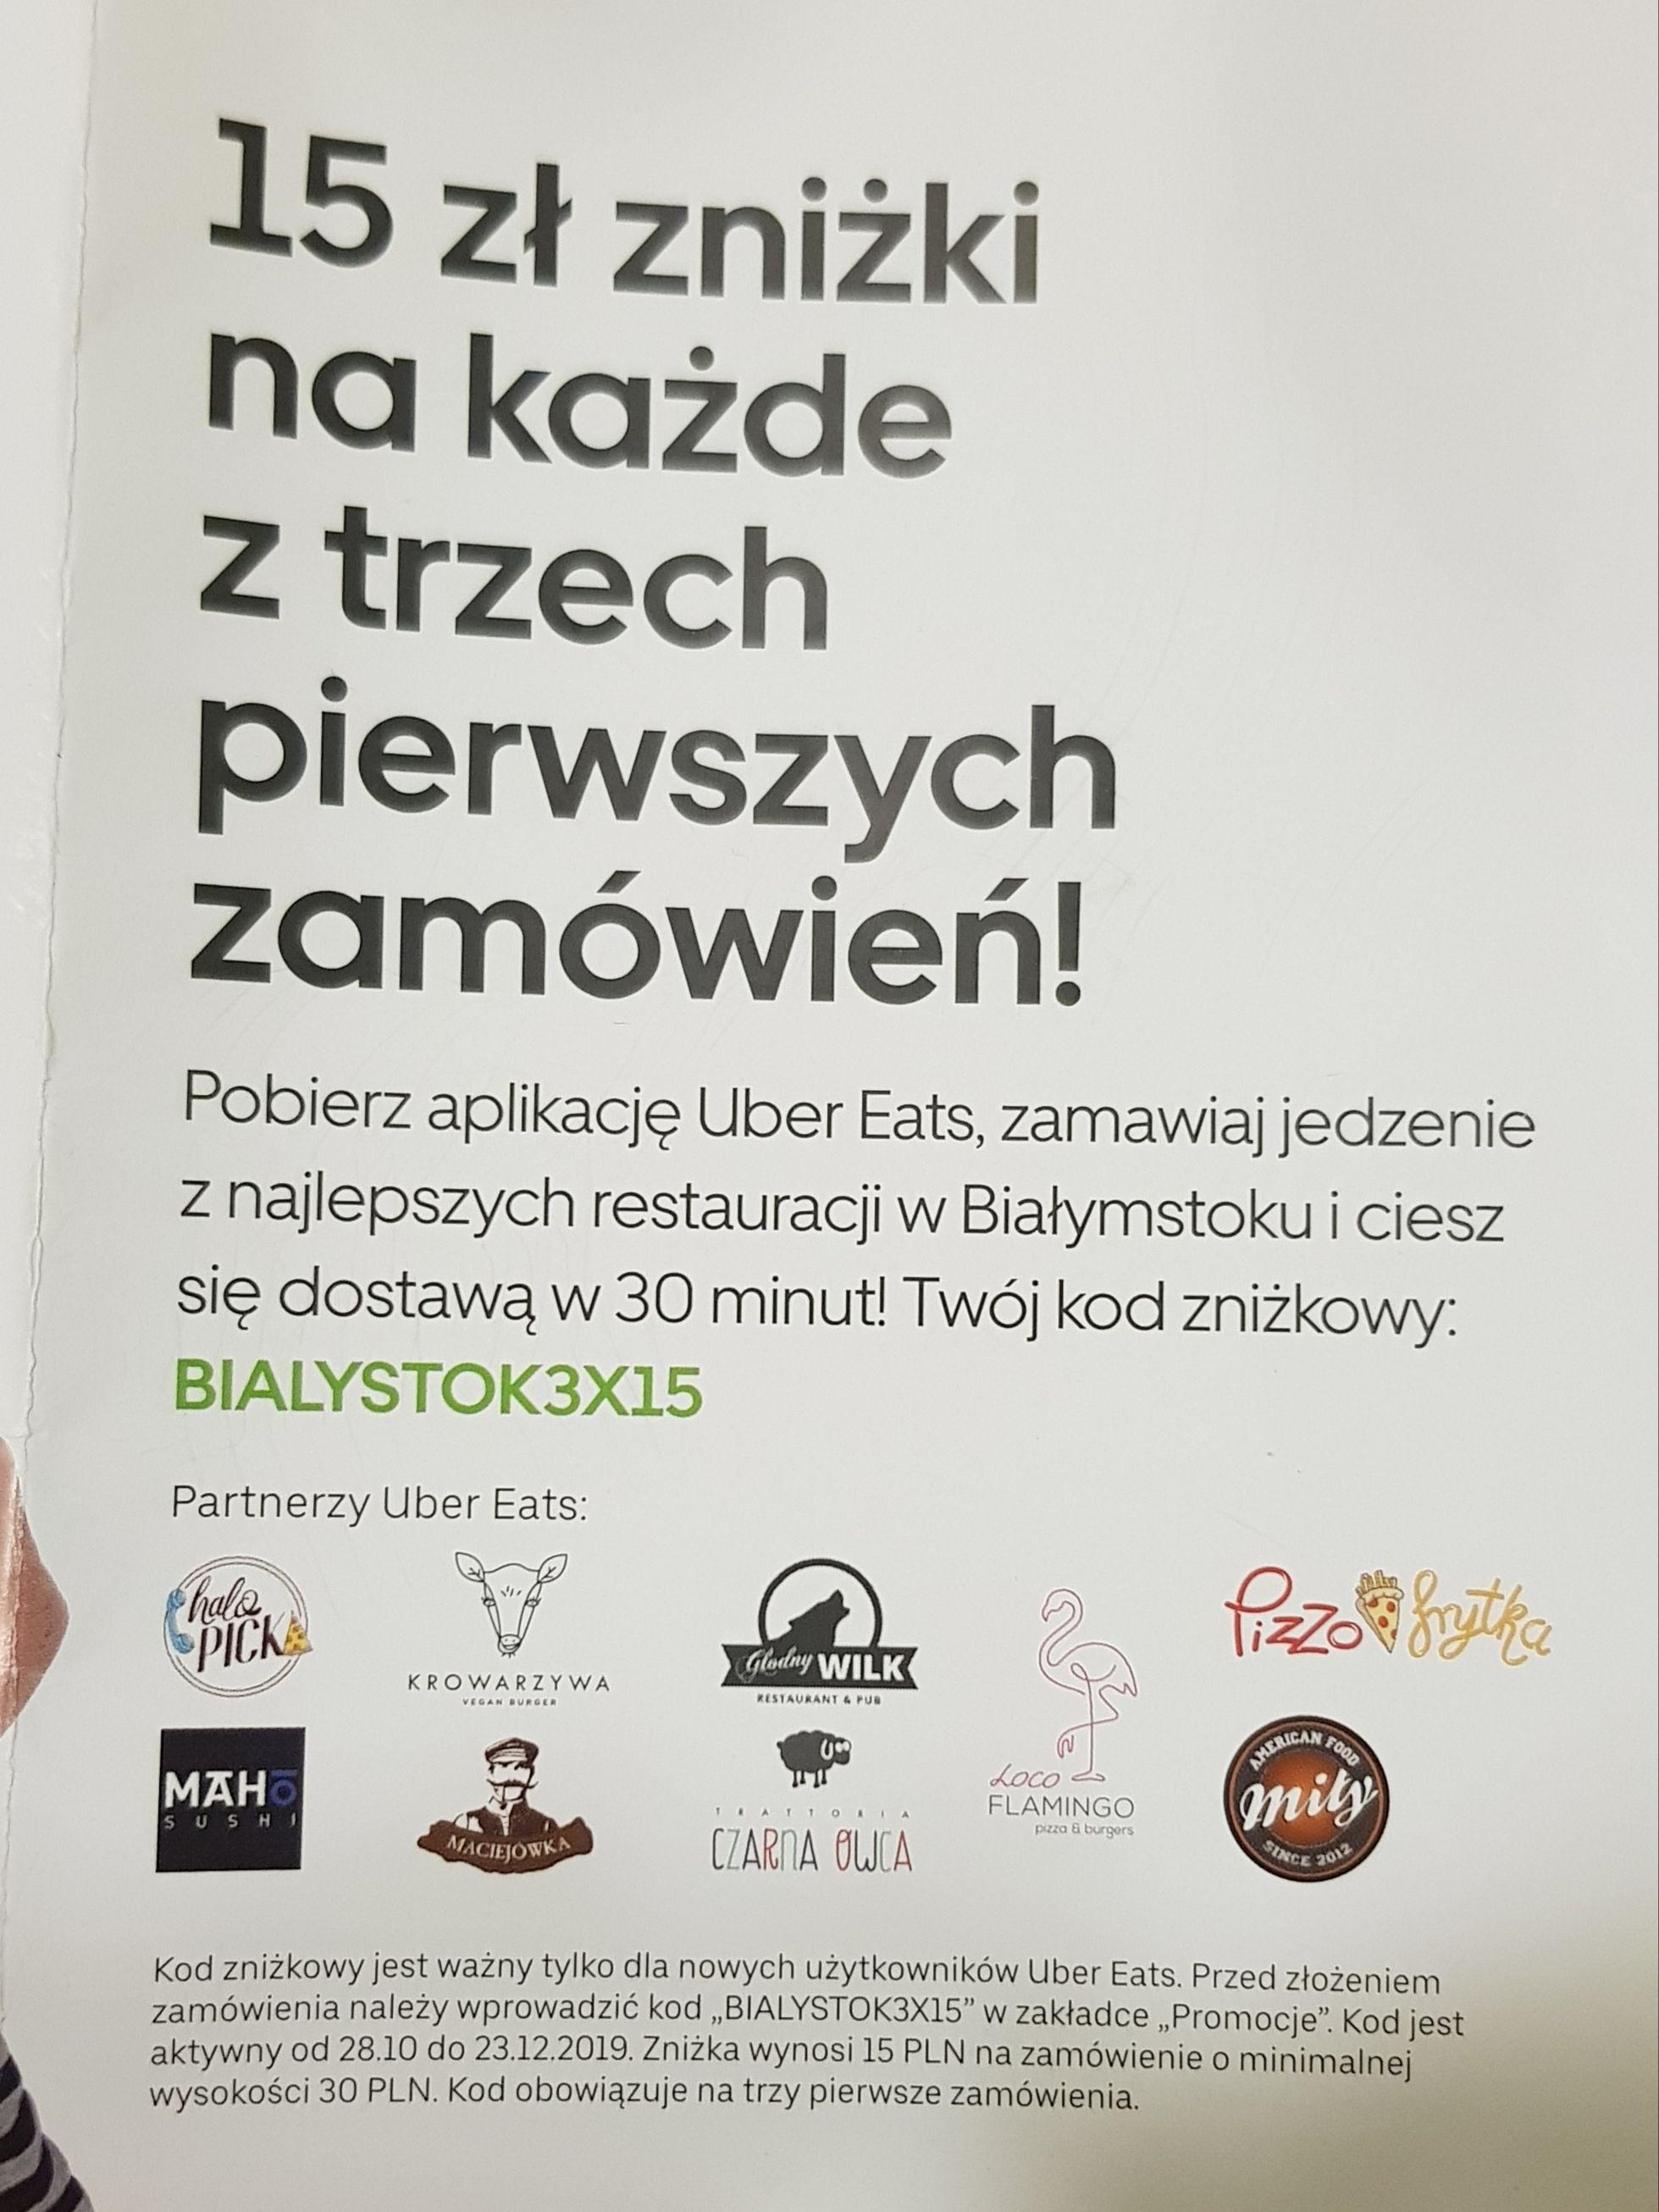 Uber Eats BIAŁYSTOK -15 zł zniżki  zniżki  na każde z trzech pierwszych zamówień. MWZ 30 PLN